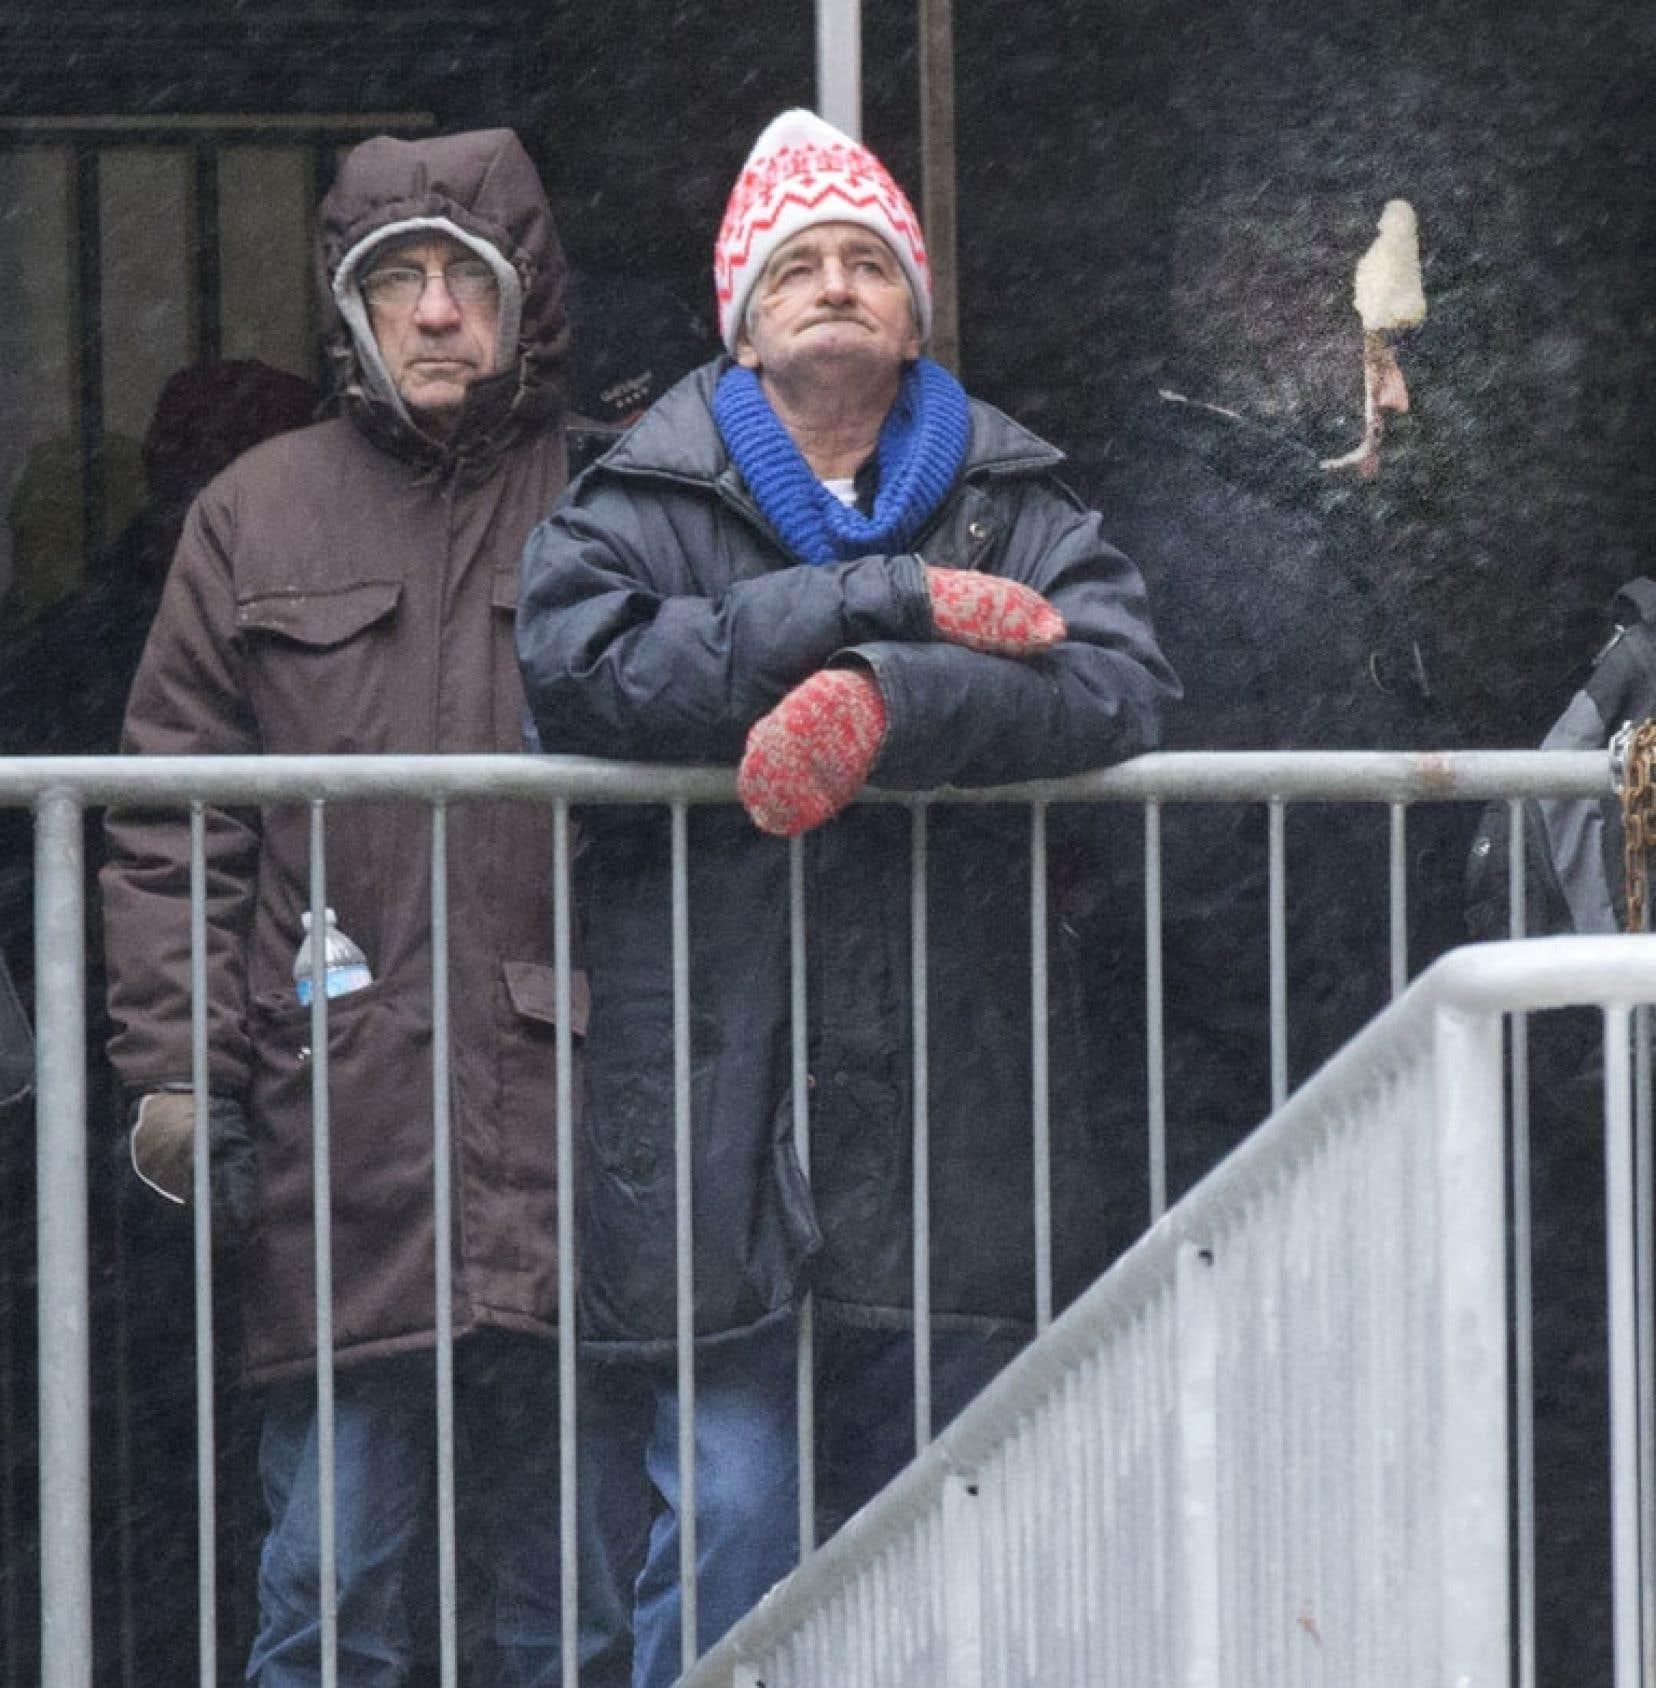 Le coroner en chef a ordonné la tenue d'une enquête publique sur l'affaire Magloire, puisque c'est le troisième itinérant à tomber sous les balles des policiers de Montréal en trois ans.